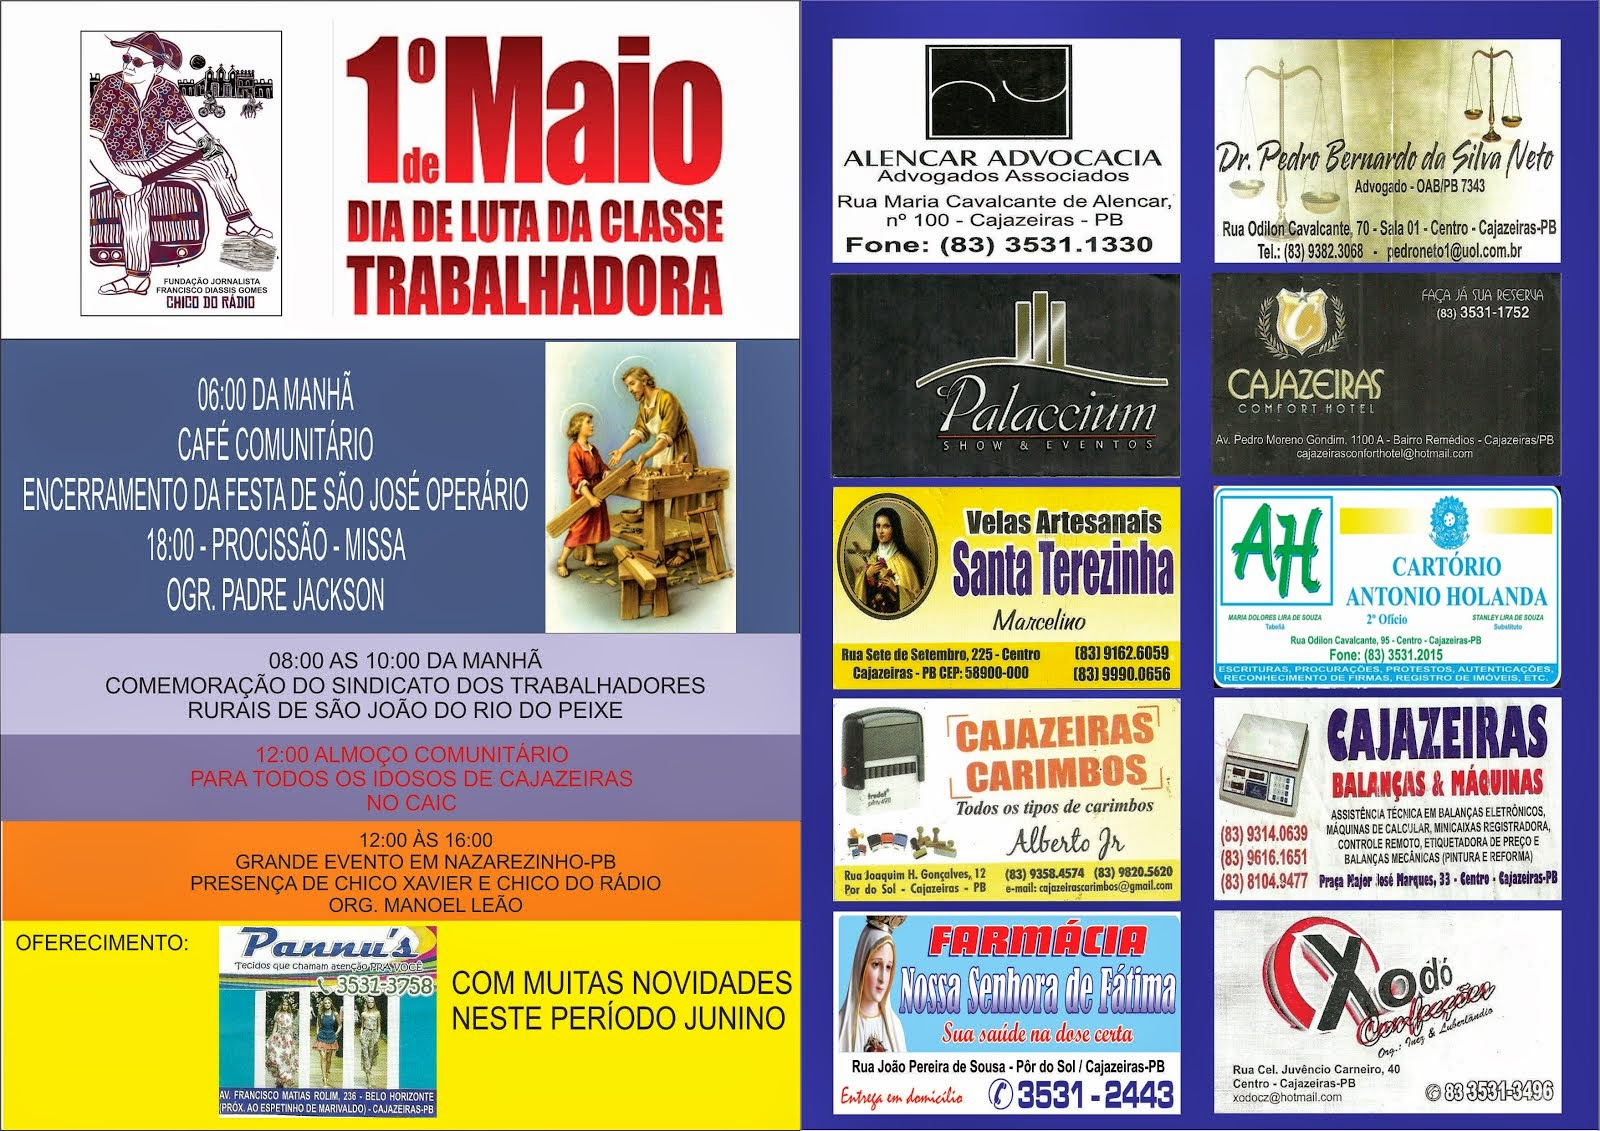 INICIAÇÃO DESTE PROJETO PRIMEIRO DE MAIO   A  15  DE SETEMBRO  2015